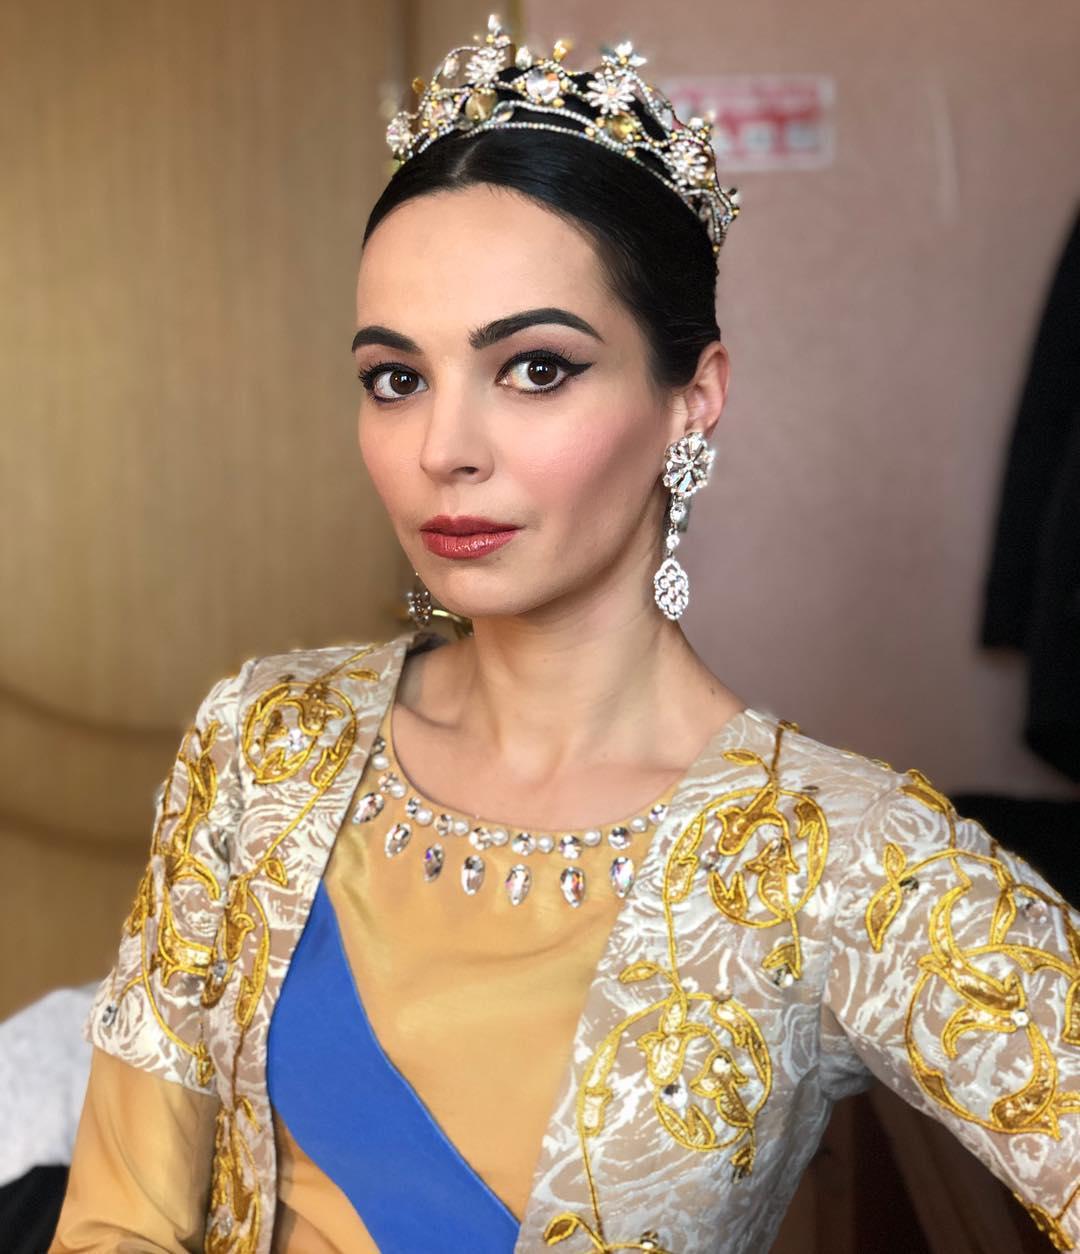 Диана Вишнева - одна из самых известных балерин в России.